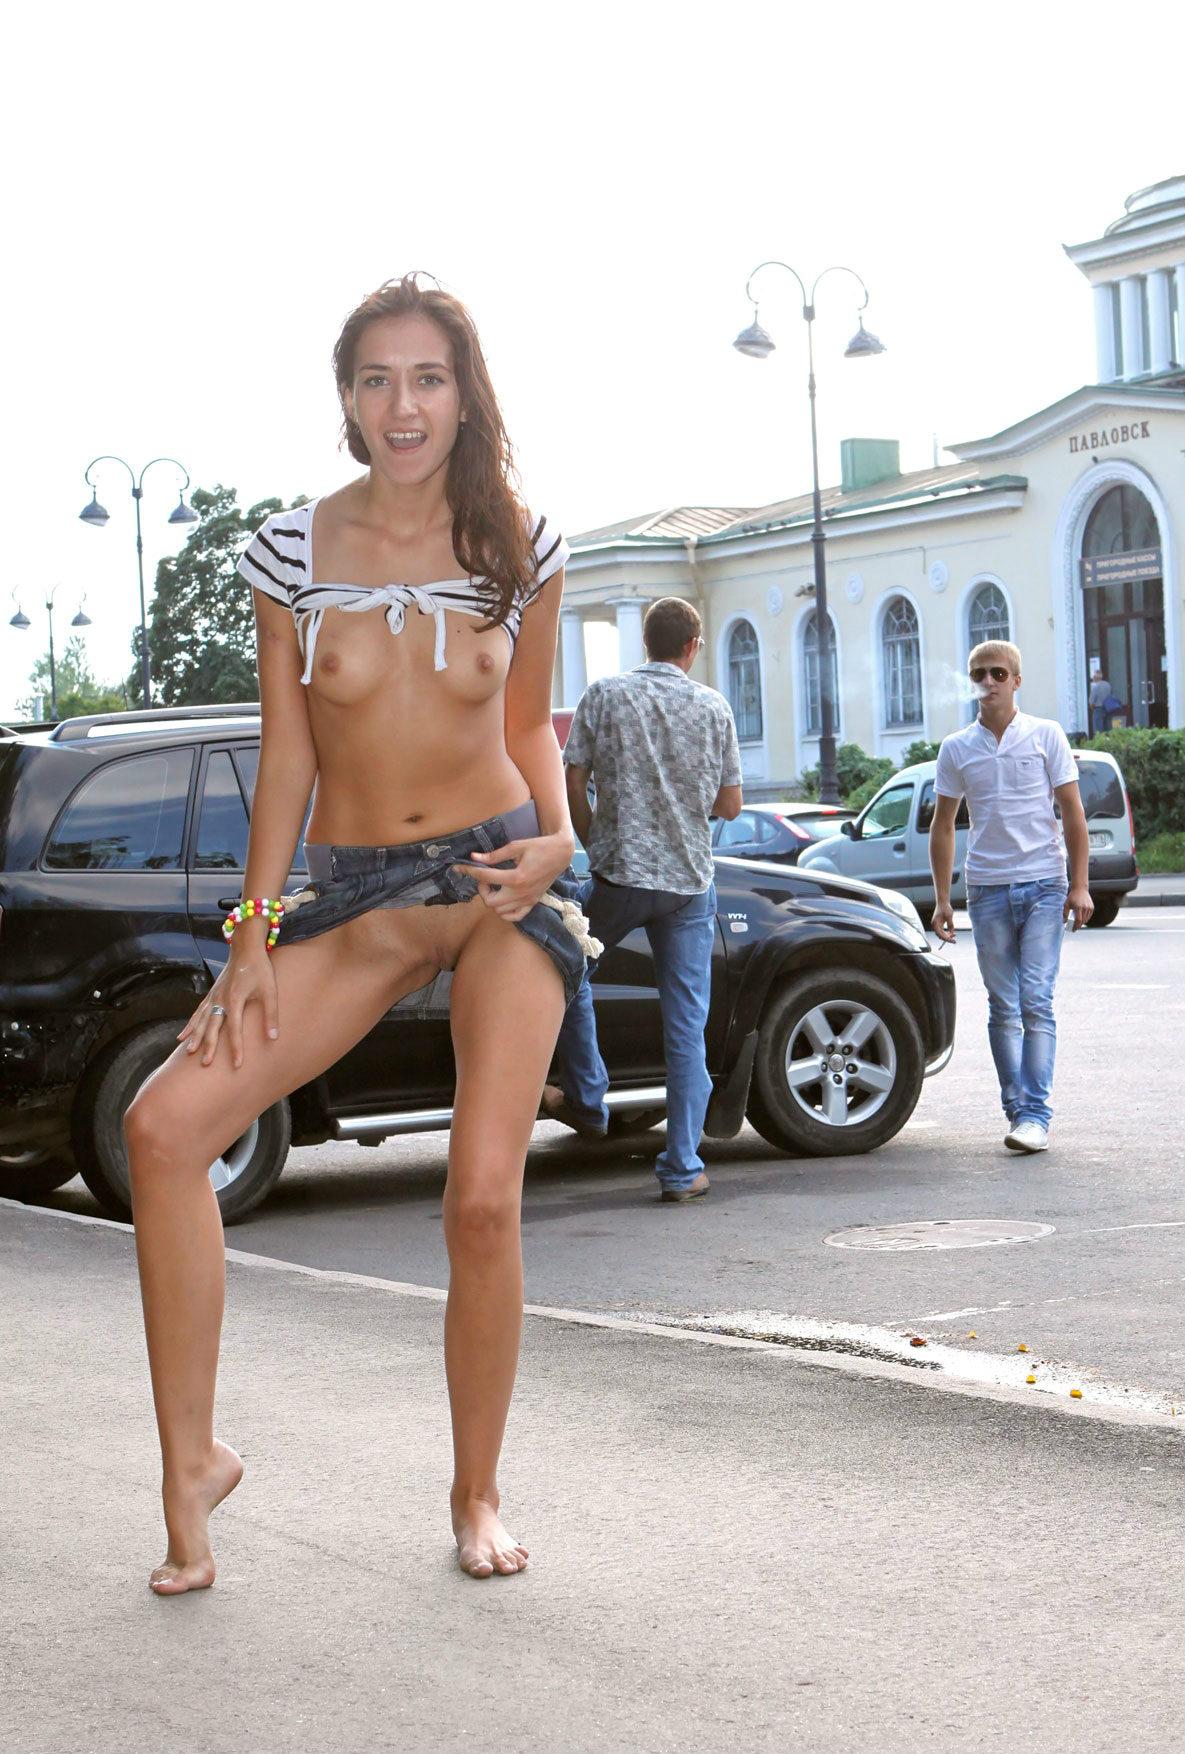 prostitutas en cantabria mujeres cuero dominicana